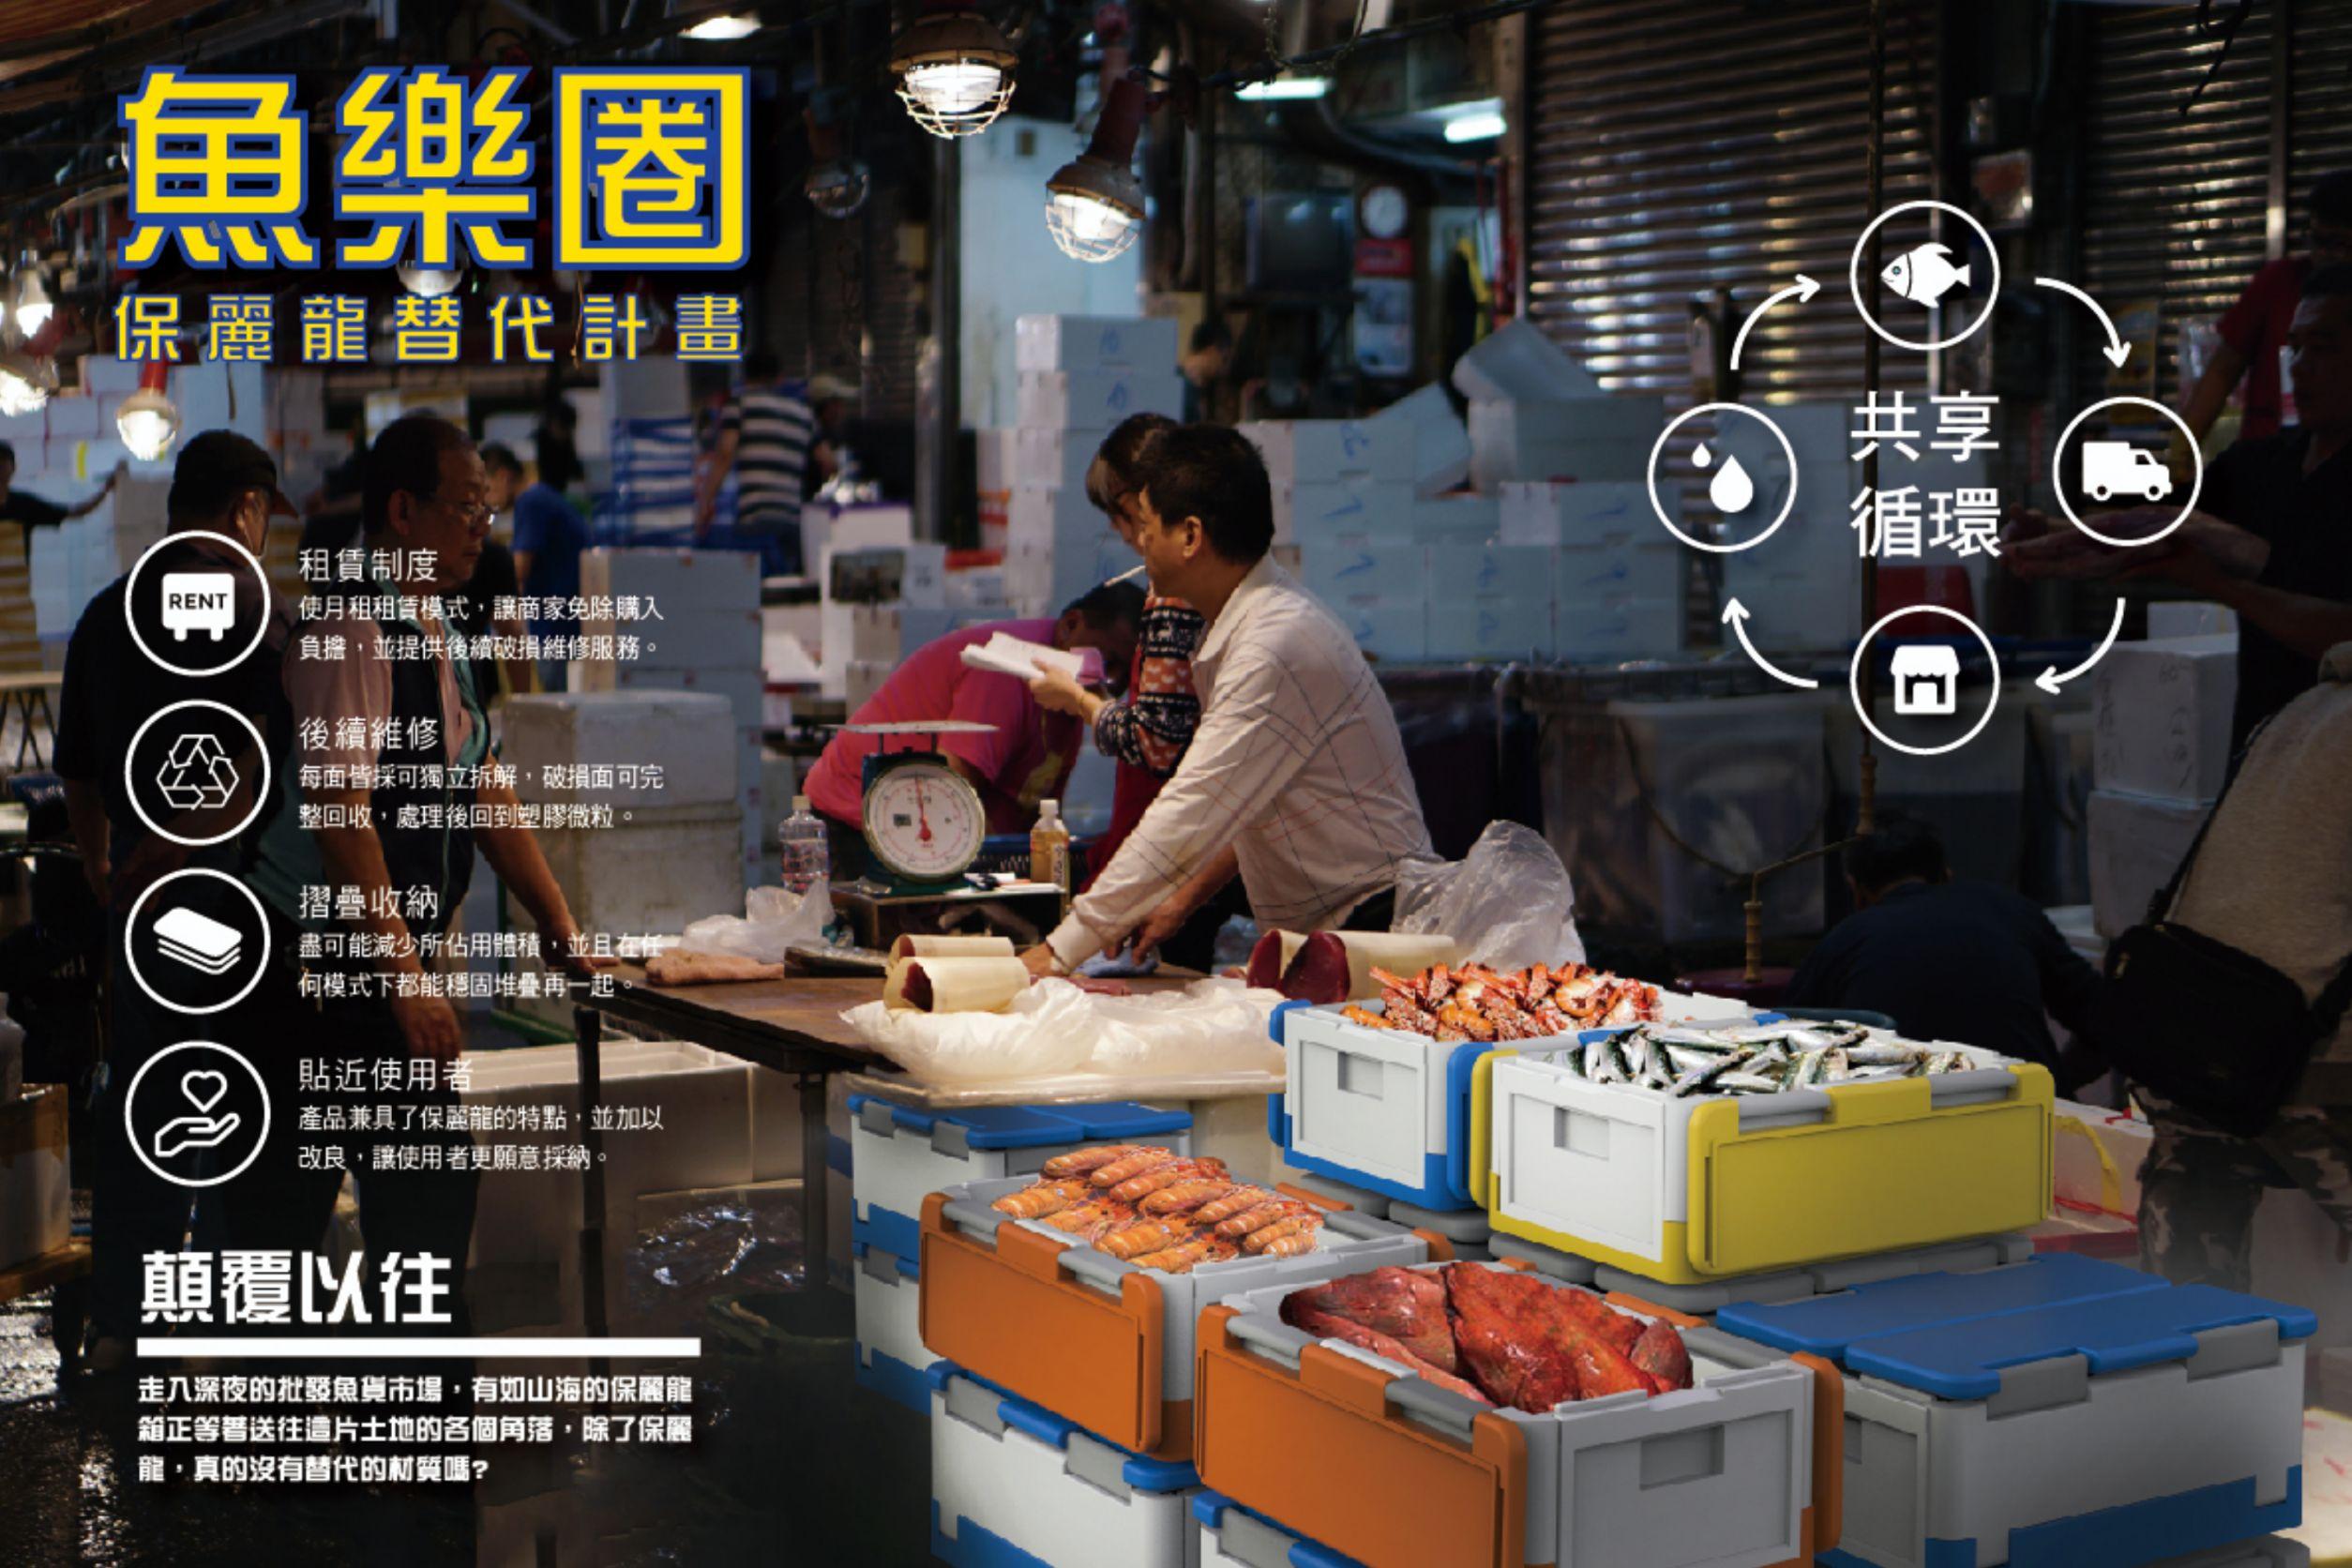 「魚樂圈(保麗龍替代計畫)」(徐廣澤、林子翔,東南科技大學創意產品設計系)